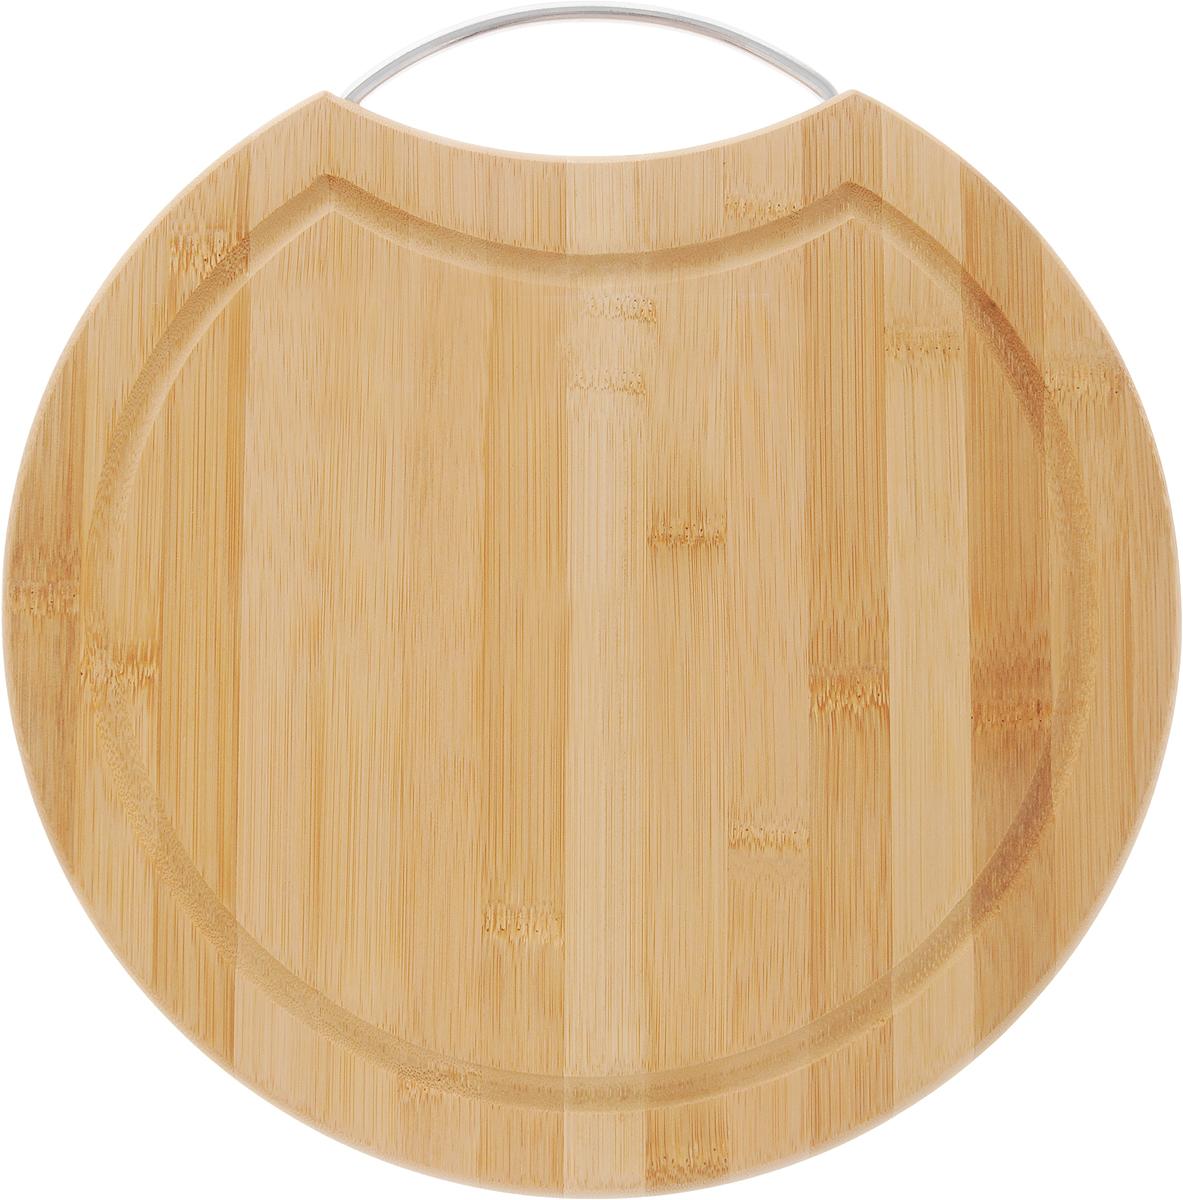 Доска разделочная LarangE От шефа, 31 х 31 х 1,5 смFS-91909Доска разделочная LarangE От Шефа изготовлена из высококачественного бамбука. Доска предназначена для нарезки продуктов, может служить как подставка для закусок (например, суши). Доска оснащена желобом для стока жидкости и металлической ручкой, за которое доску можно подвесить на крючок. Такая доска станет отличным приобретением для вашей кухни.